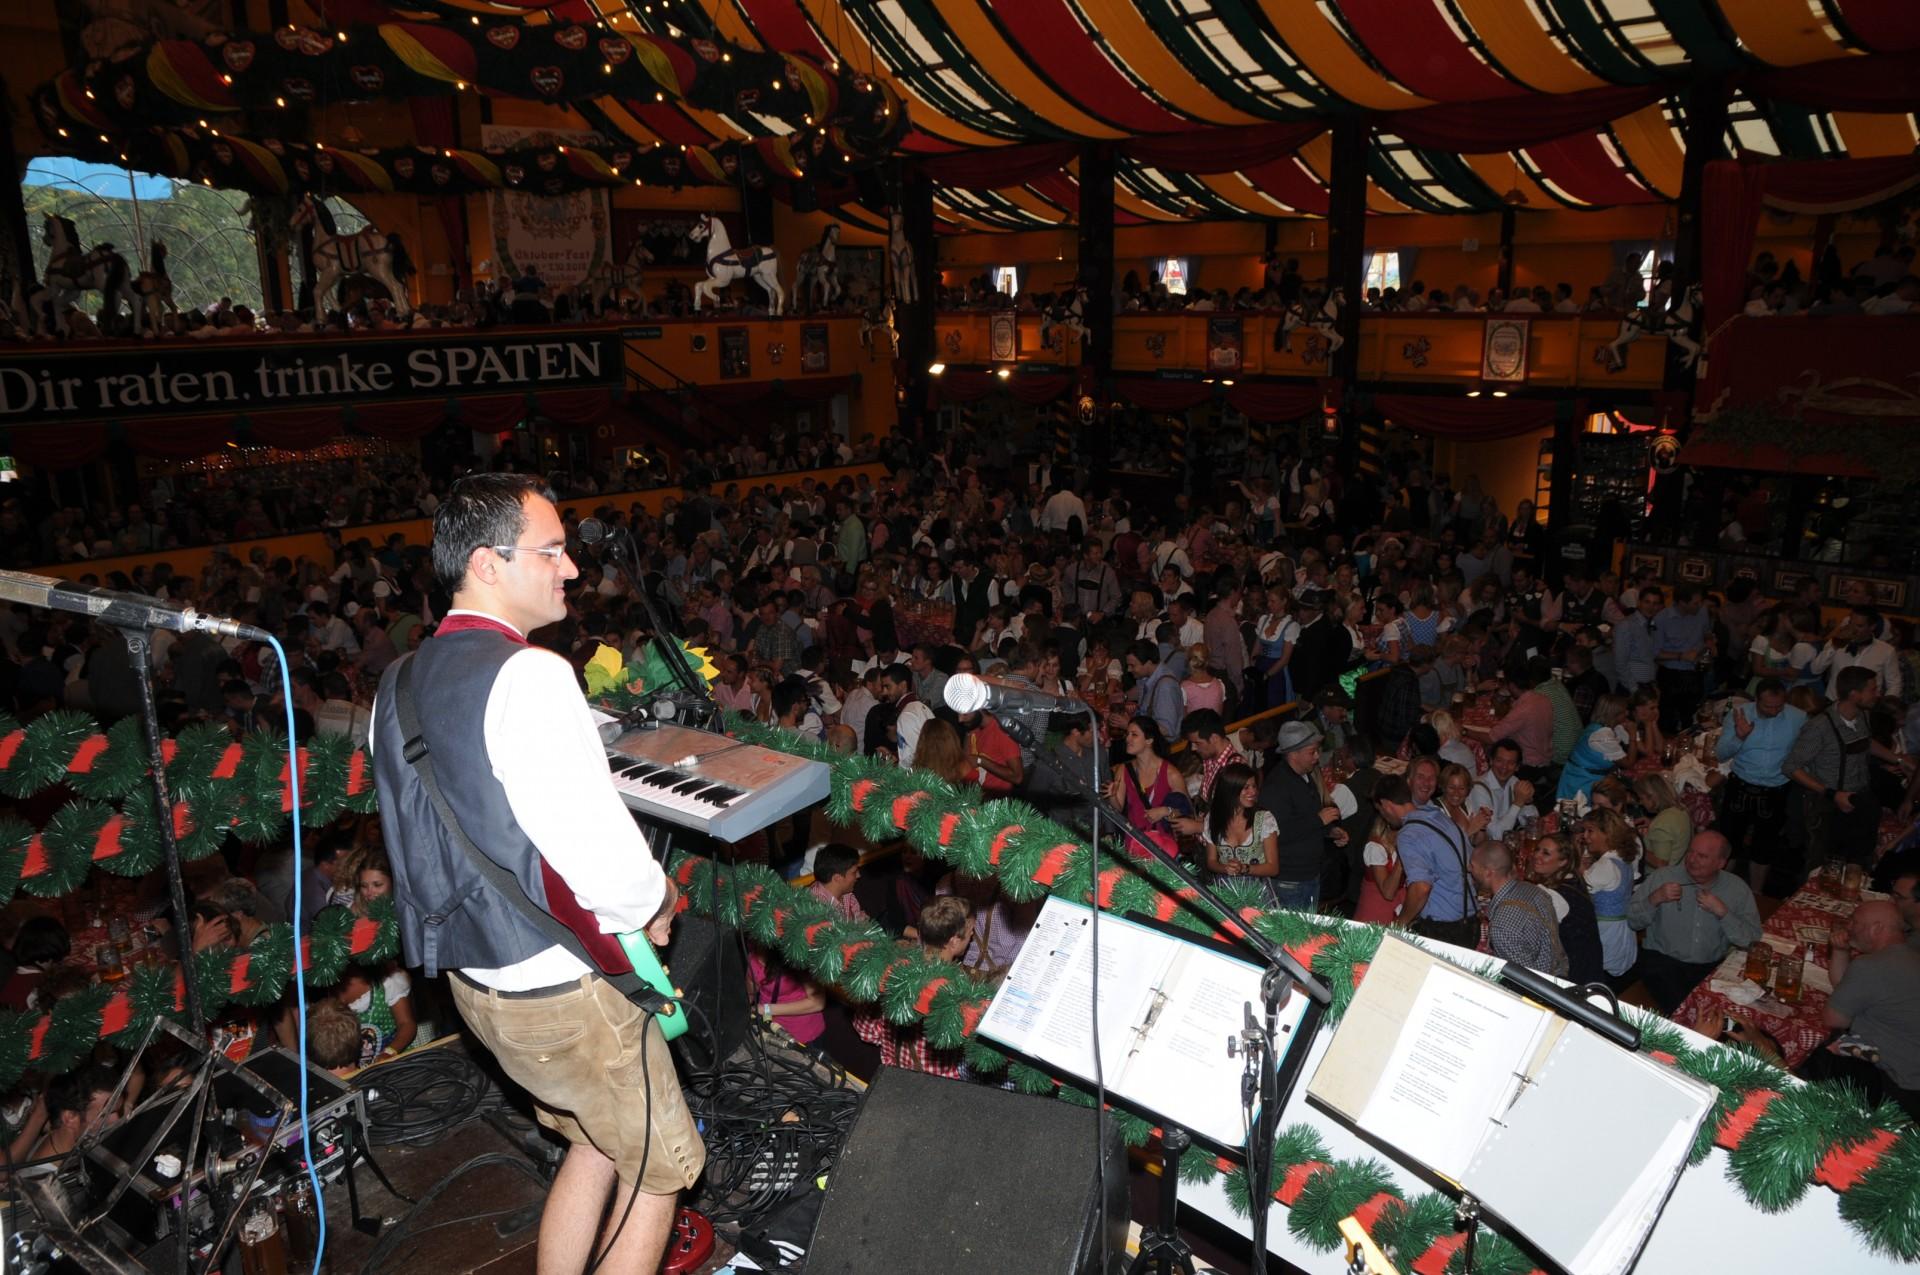 Simmisamma die Oktoberfestband – Konzert Hippodrom Oktoberfest München Deutschland 01